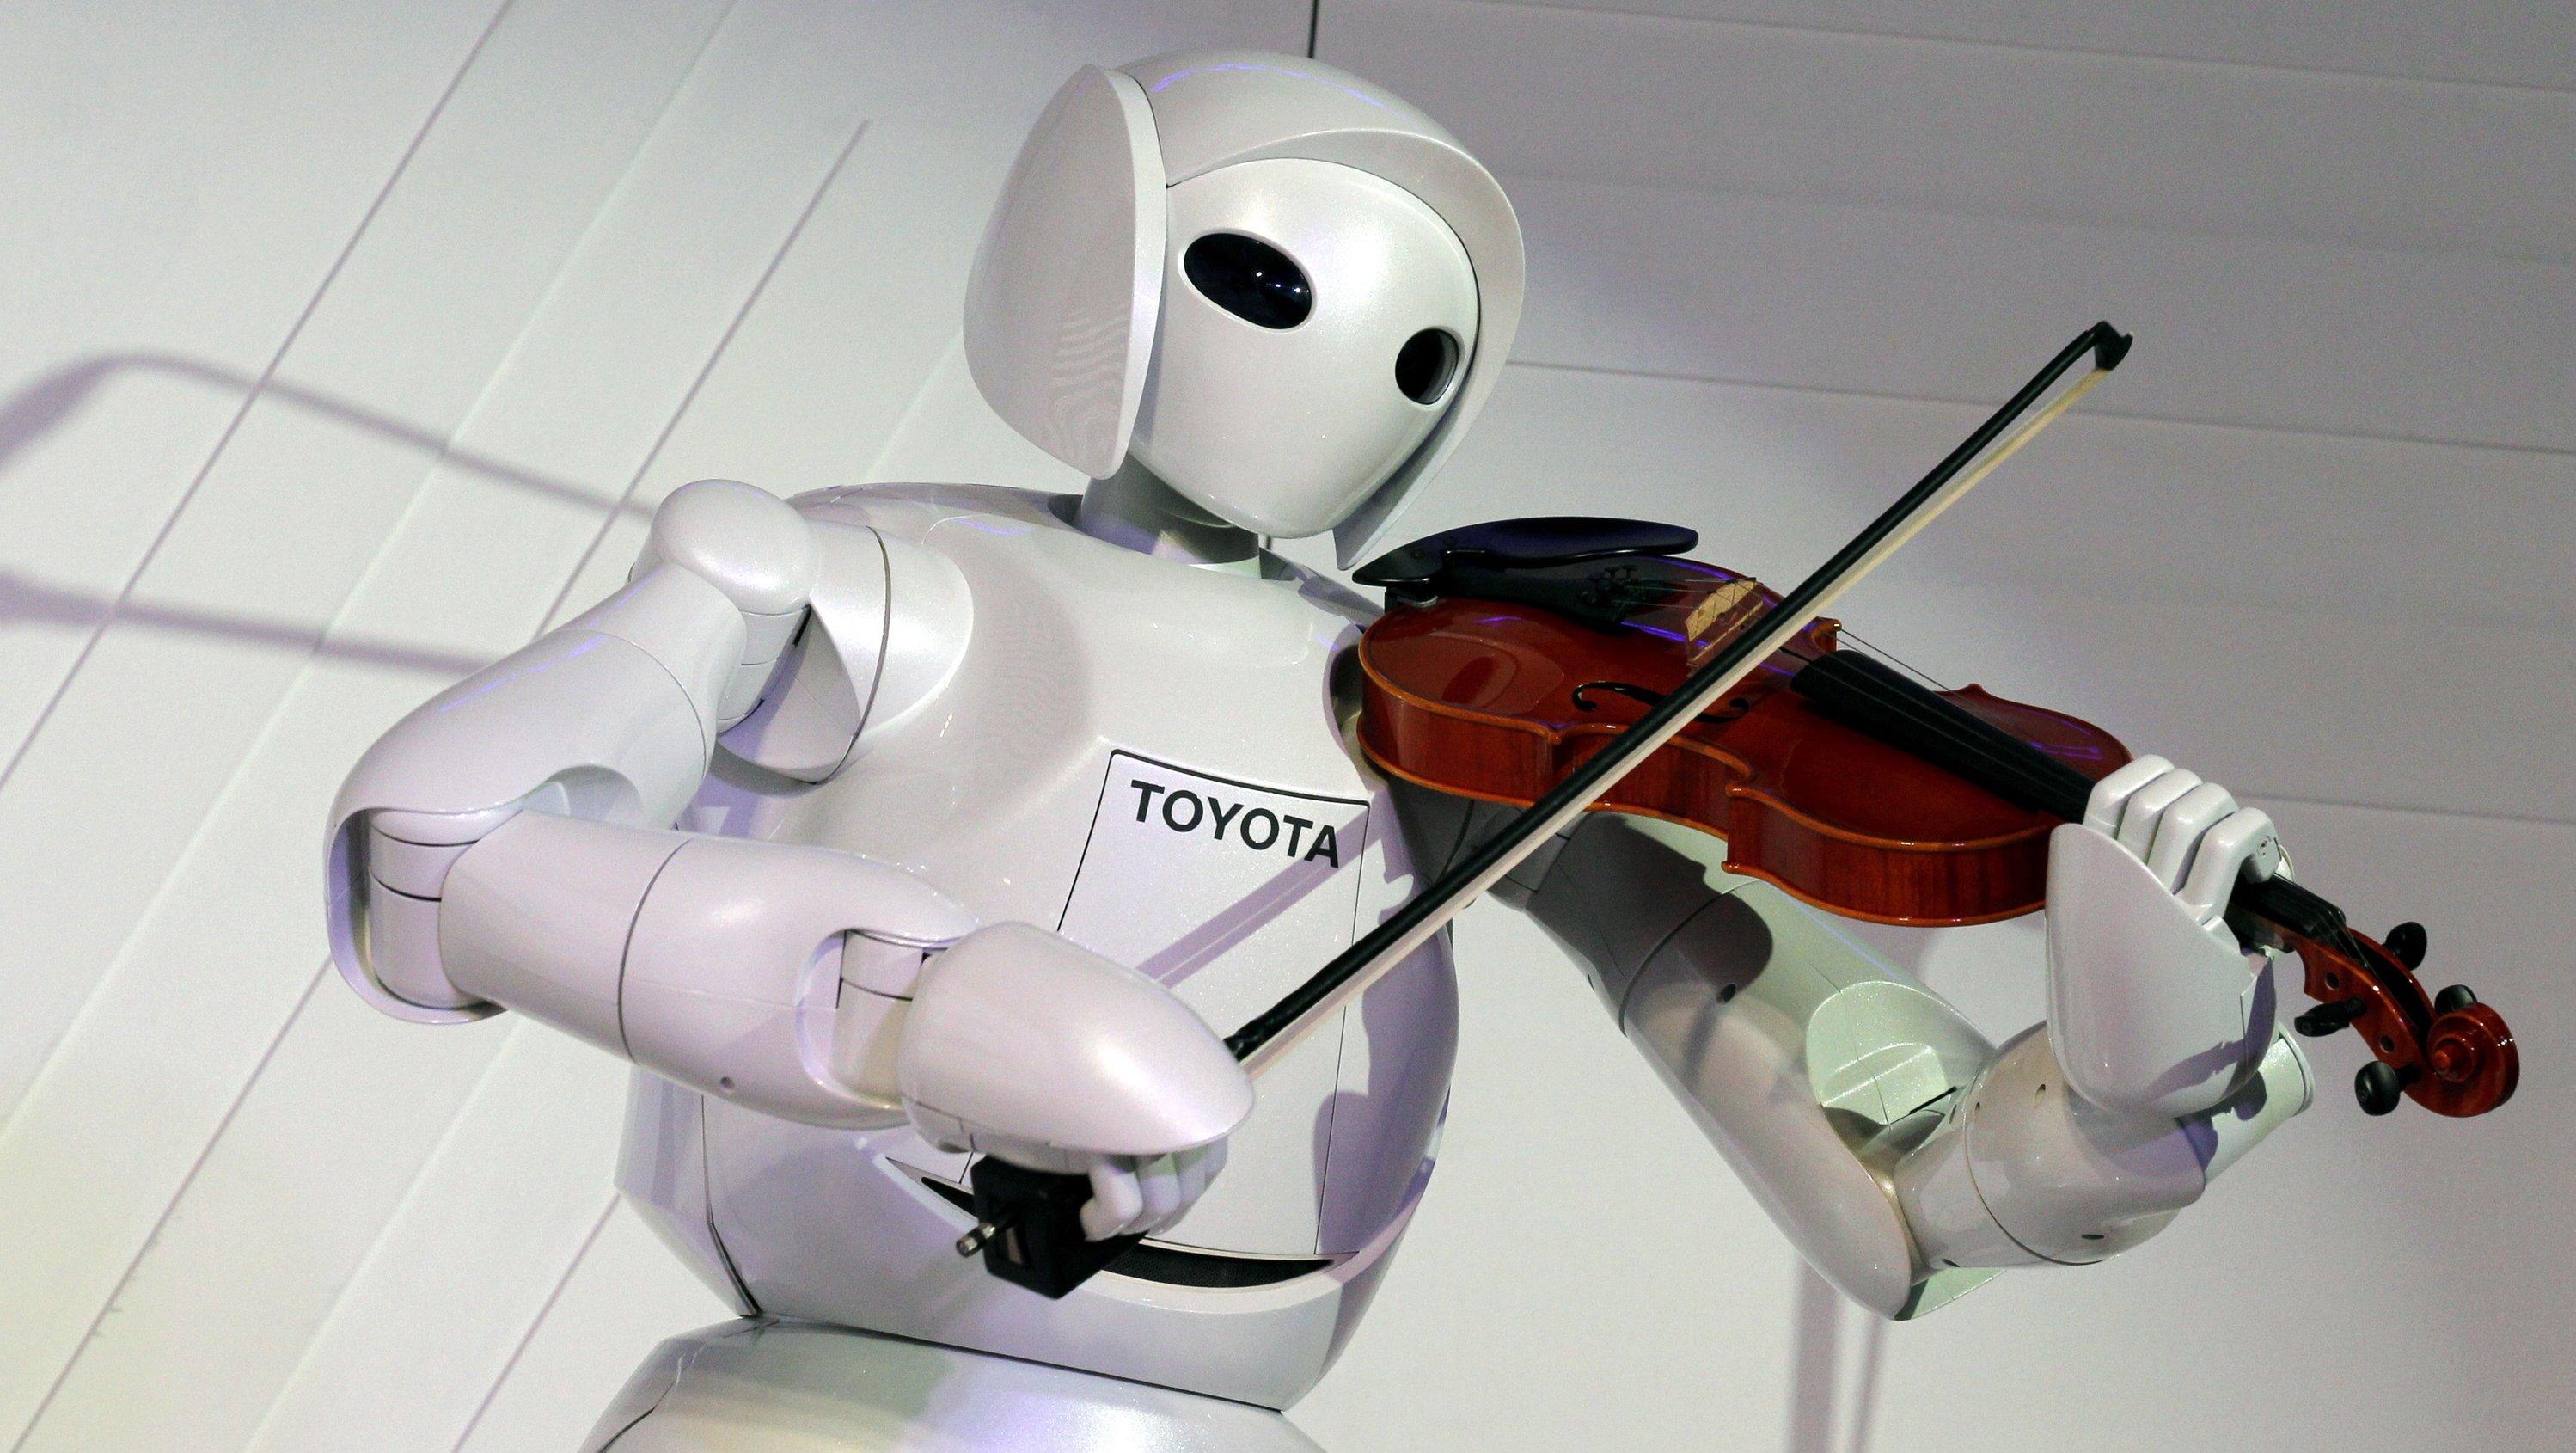 Ein humanoider Roboter spielt Violine: Das macht keine Angst. Wohl aber die Vorstellung, dass er genauso virtuos mit Waffen umgehen kann. Und seine Künstliche Intelligenz dazu nutzen würde, selbst zu entscheiden, wann er sie gegen wen richtet.